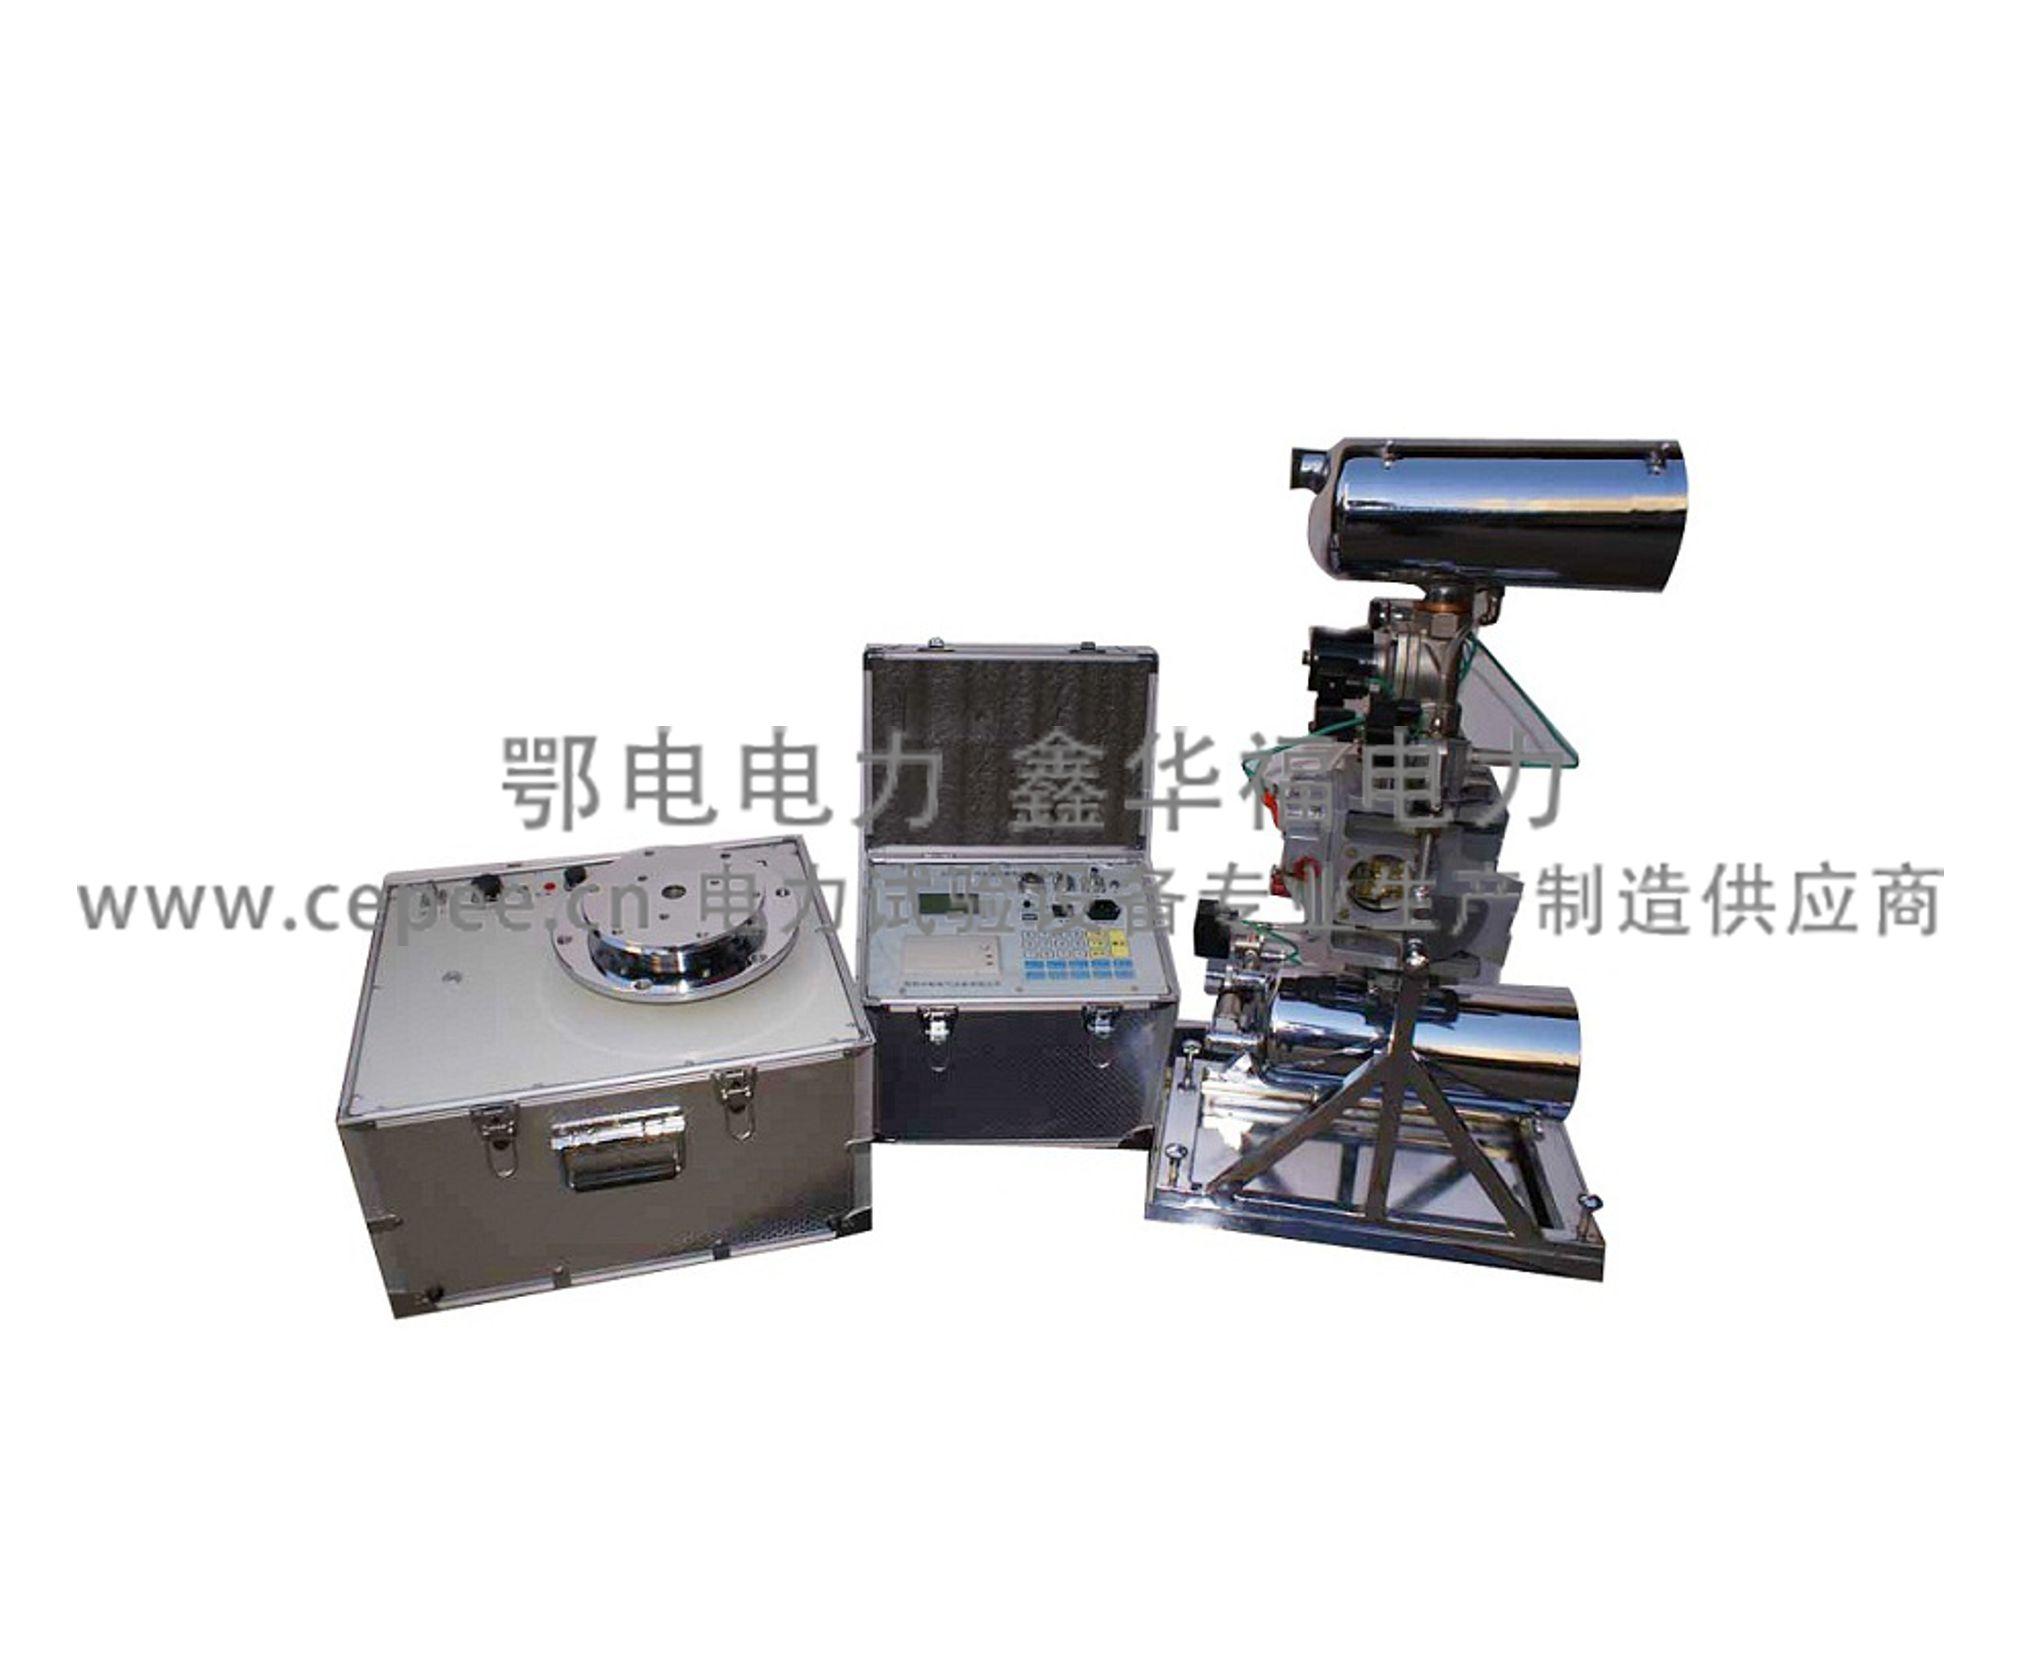 三相继电保护综合校验仪_单相其他配电输电设备仪-武汉鄂电电力试验设备有限公司